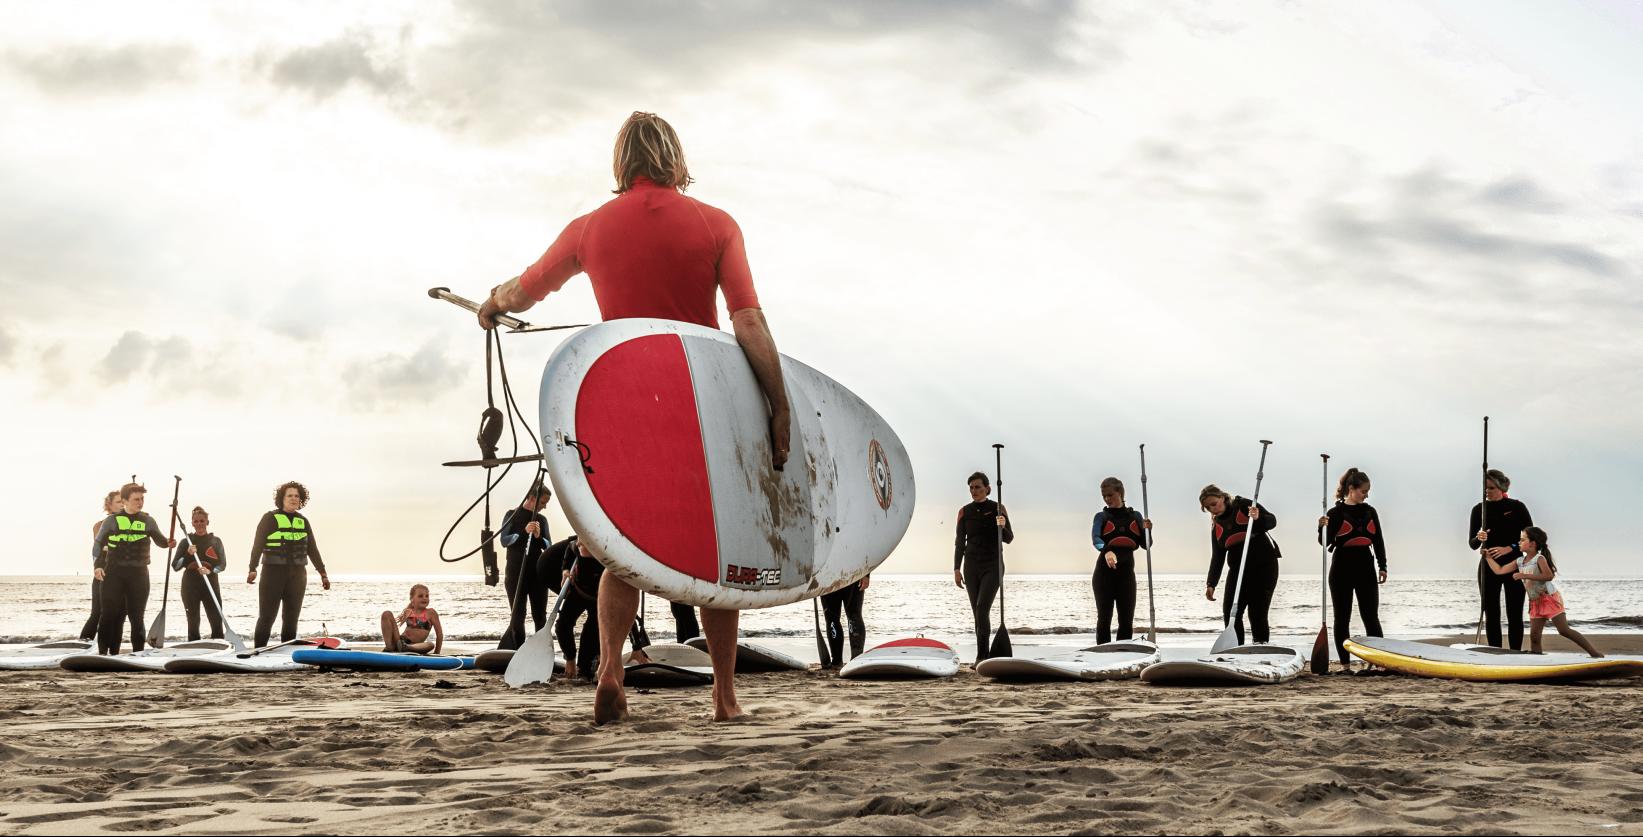 Wateractiviteiten, strandactiviteiten en groepsactiviteiten in Katwijk bij Activiteiten aan Zee